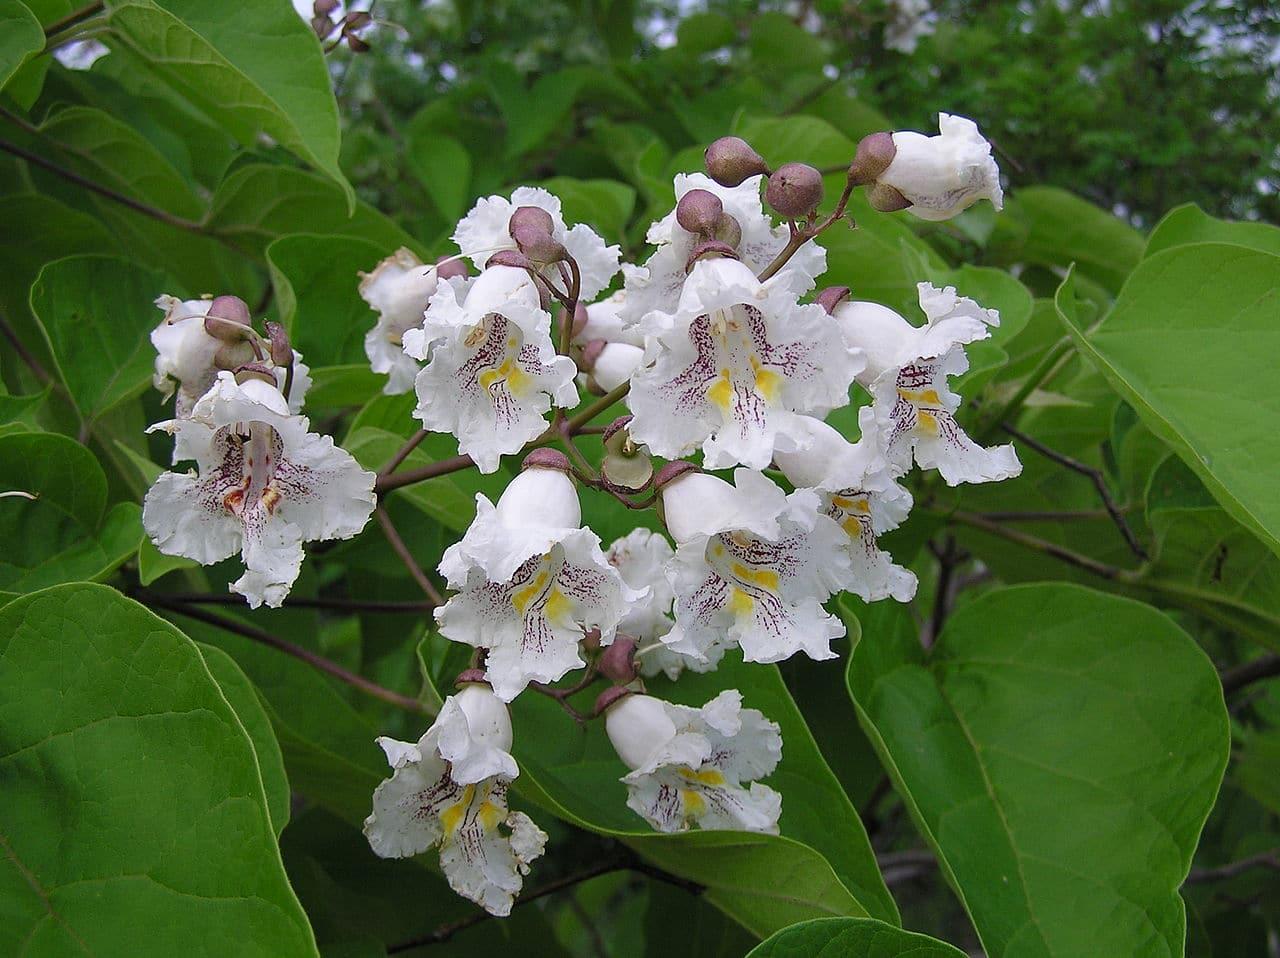 La catalpa es un árbol que produce flores blancas